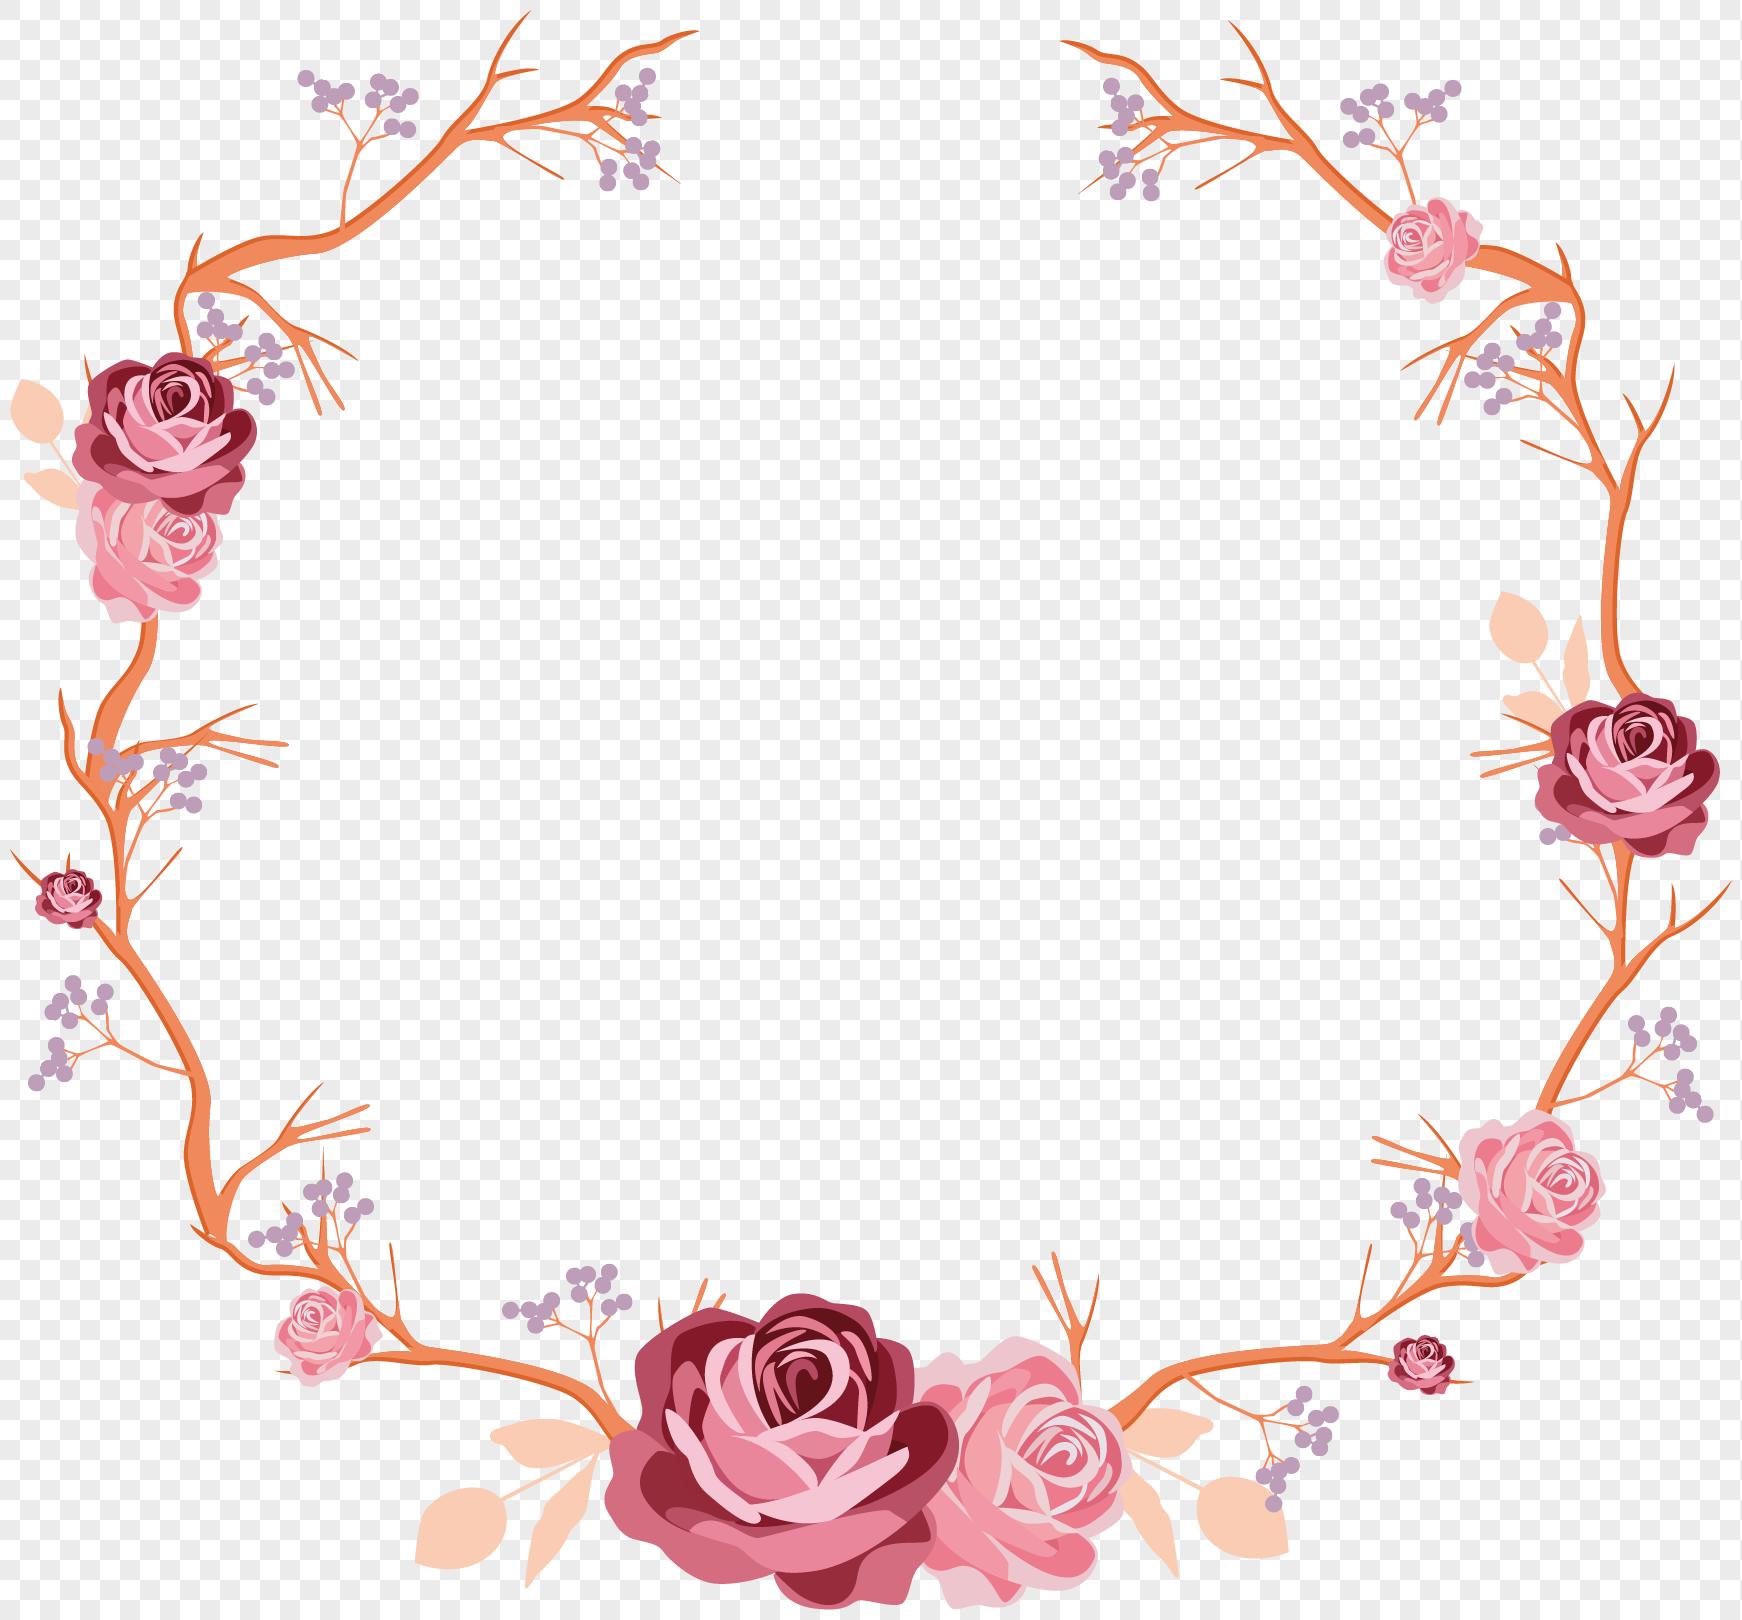 手绘玫瑰花花藤边框